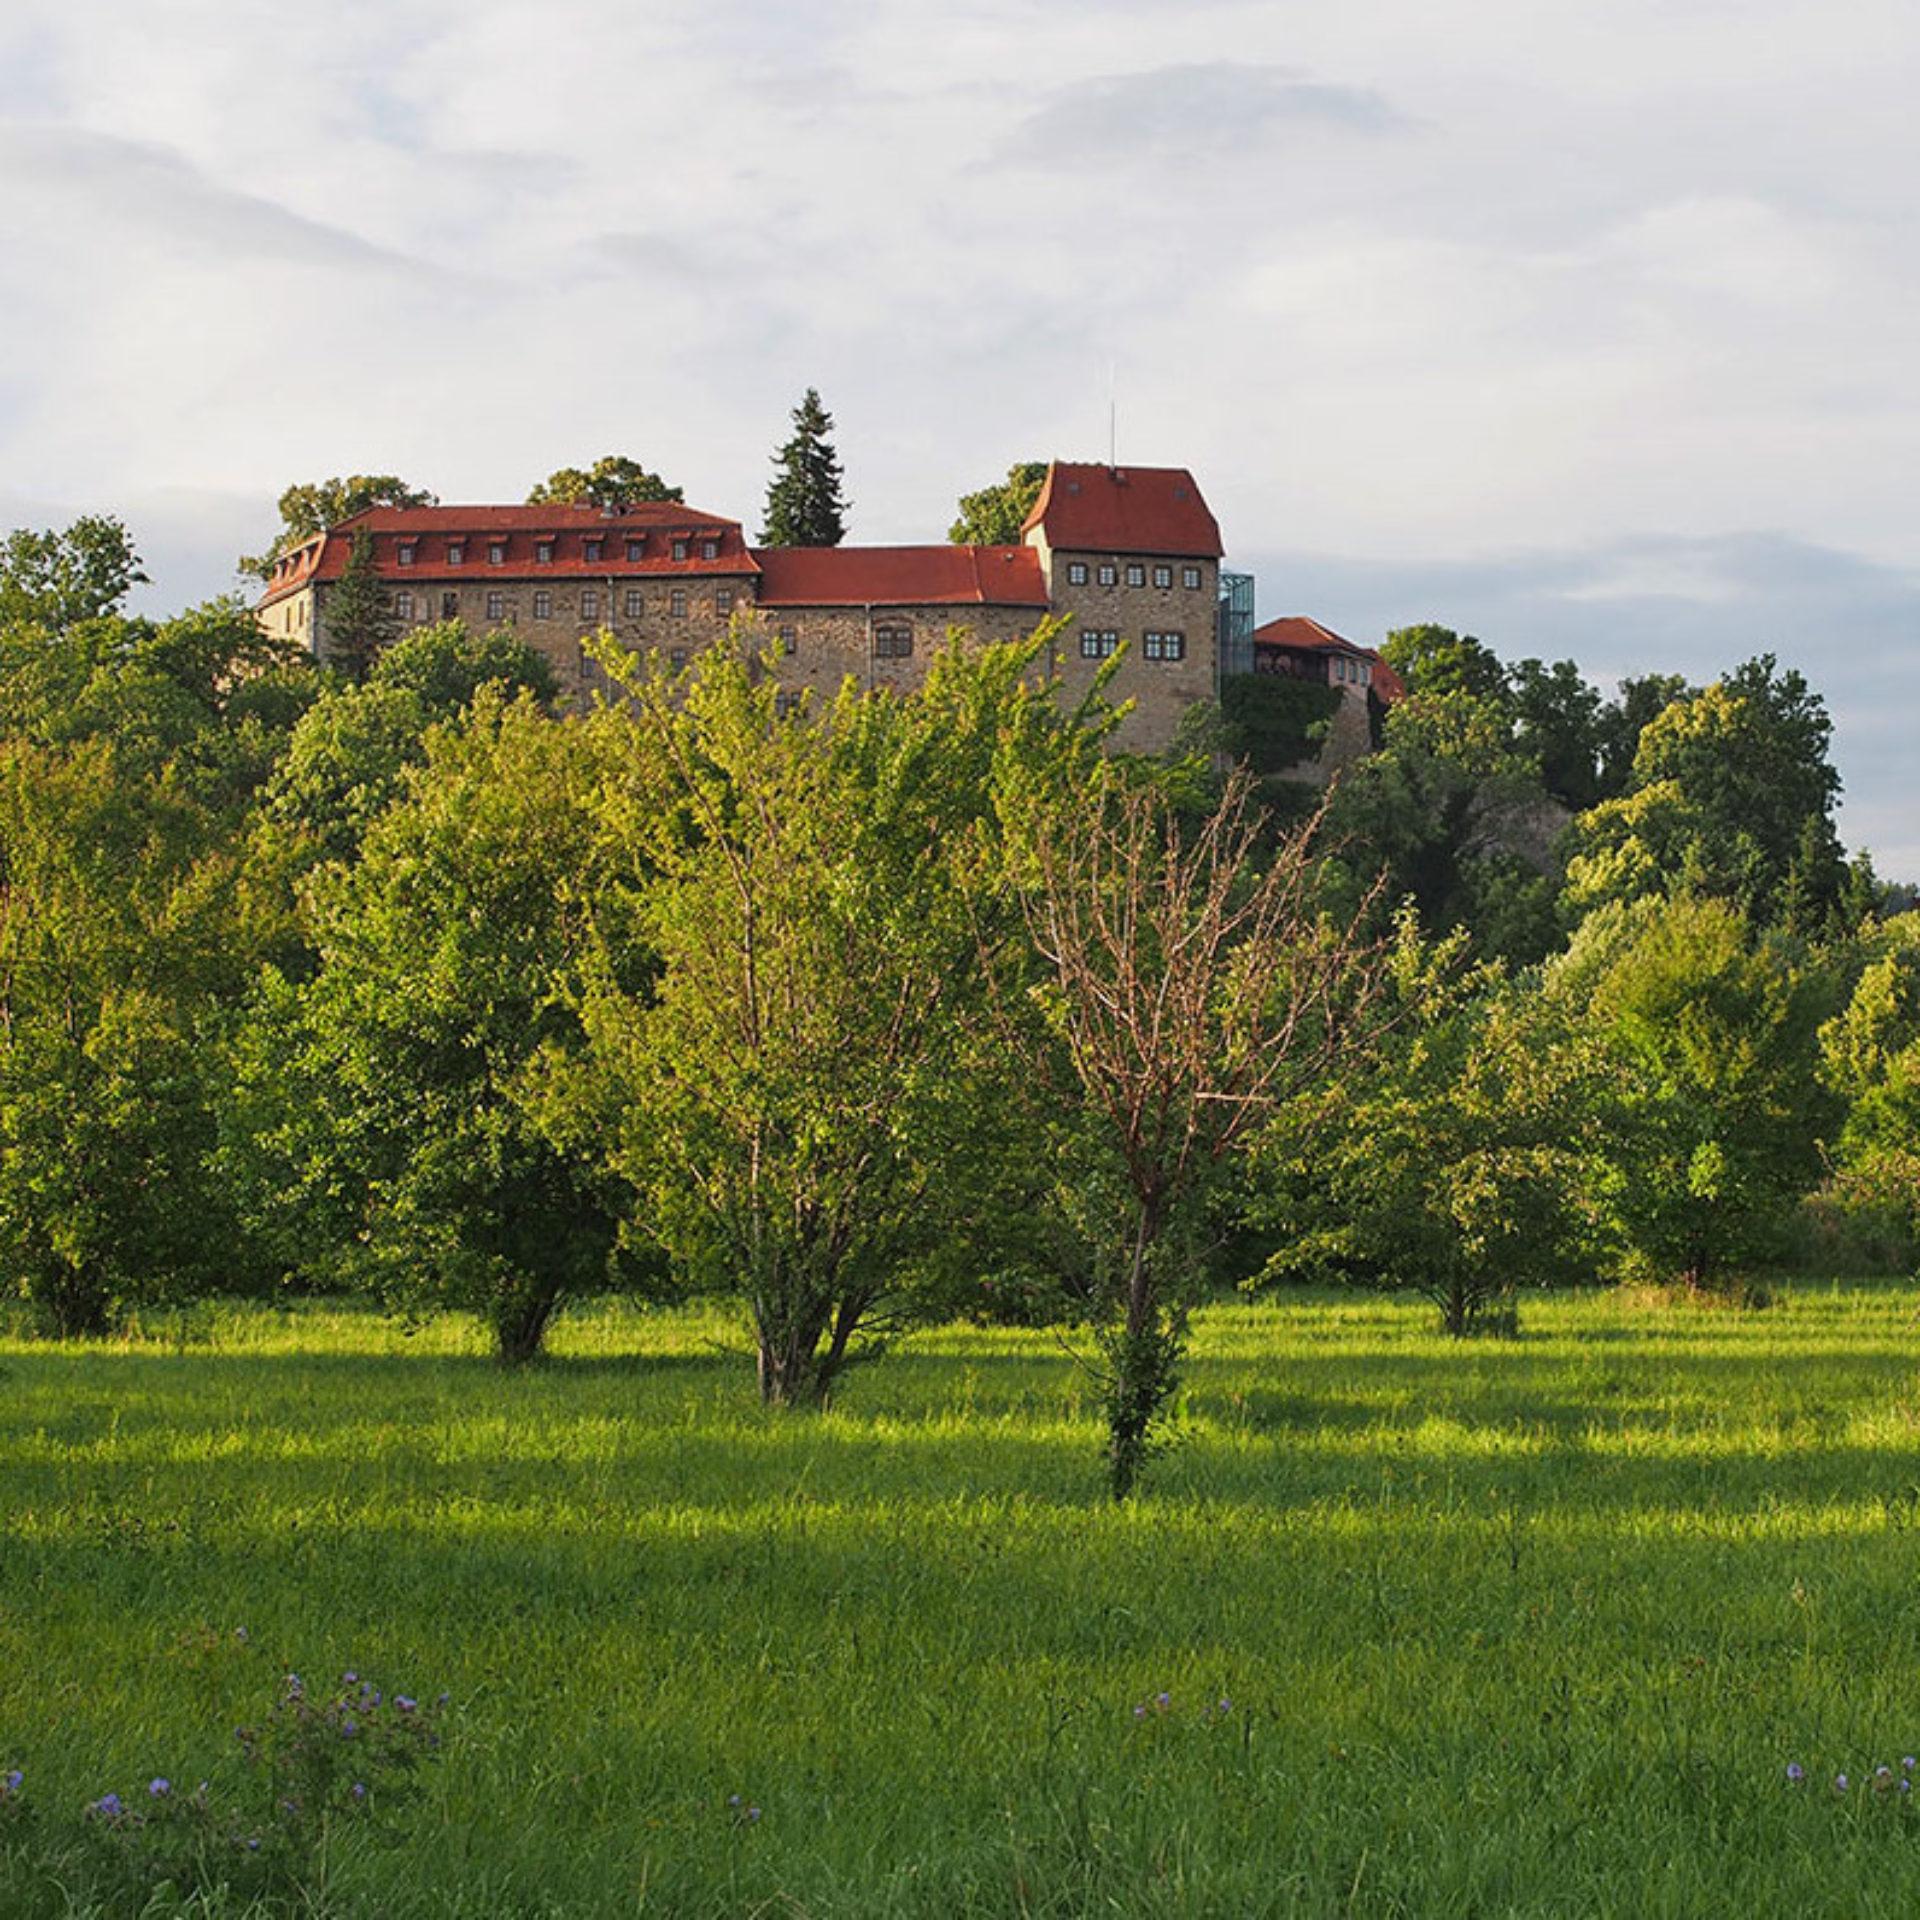 Burg Creuzburg von der Werraaue